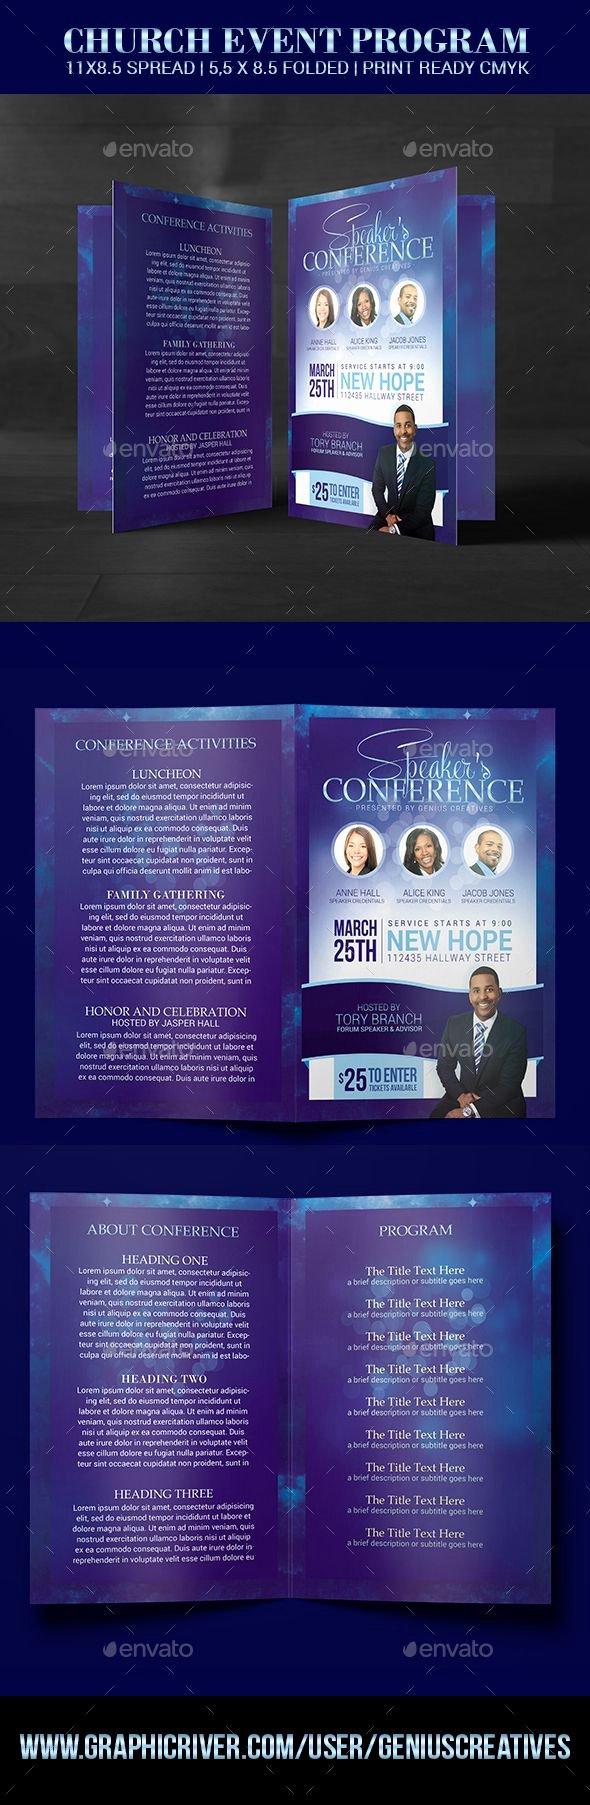 Conference Program Booklet Template Elegant Church Conference Program Template by Geniuscreatives